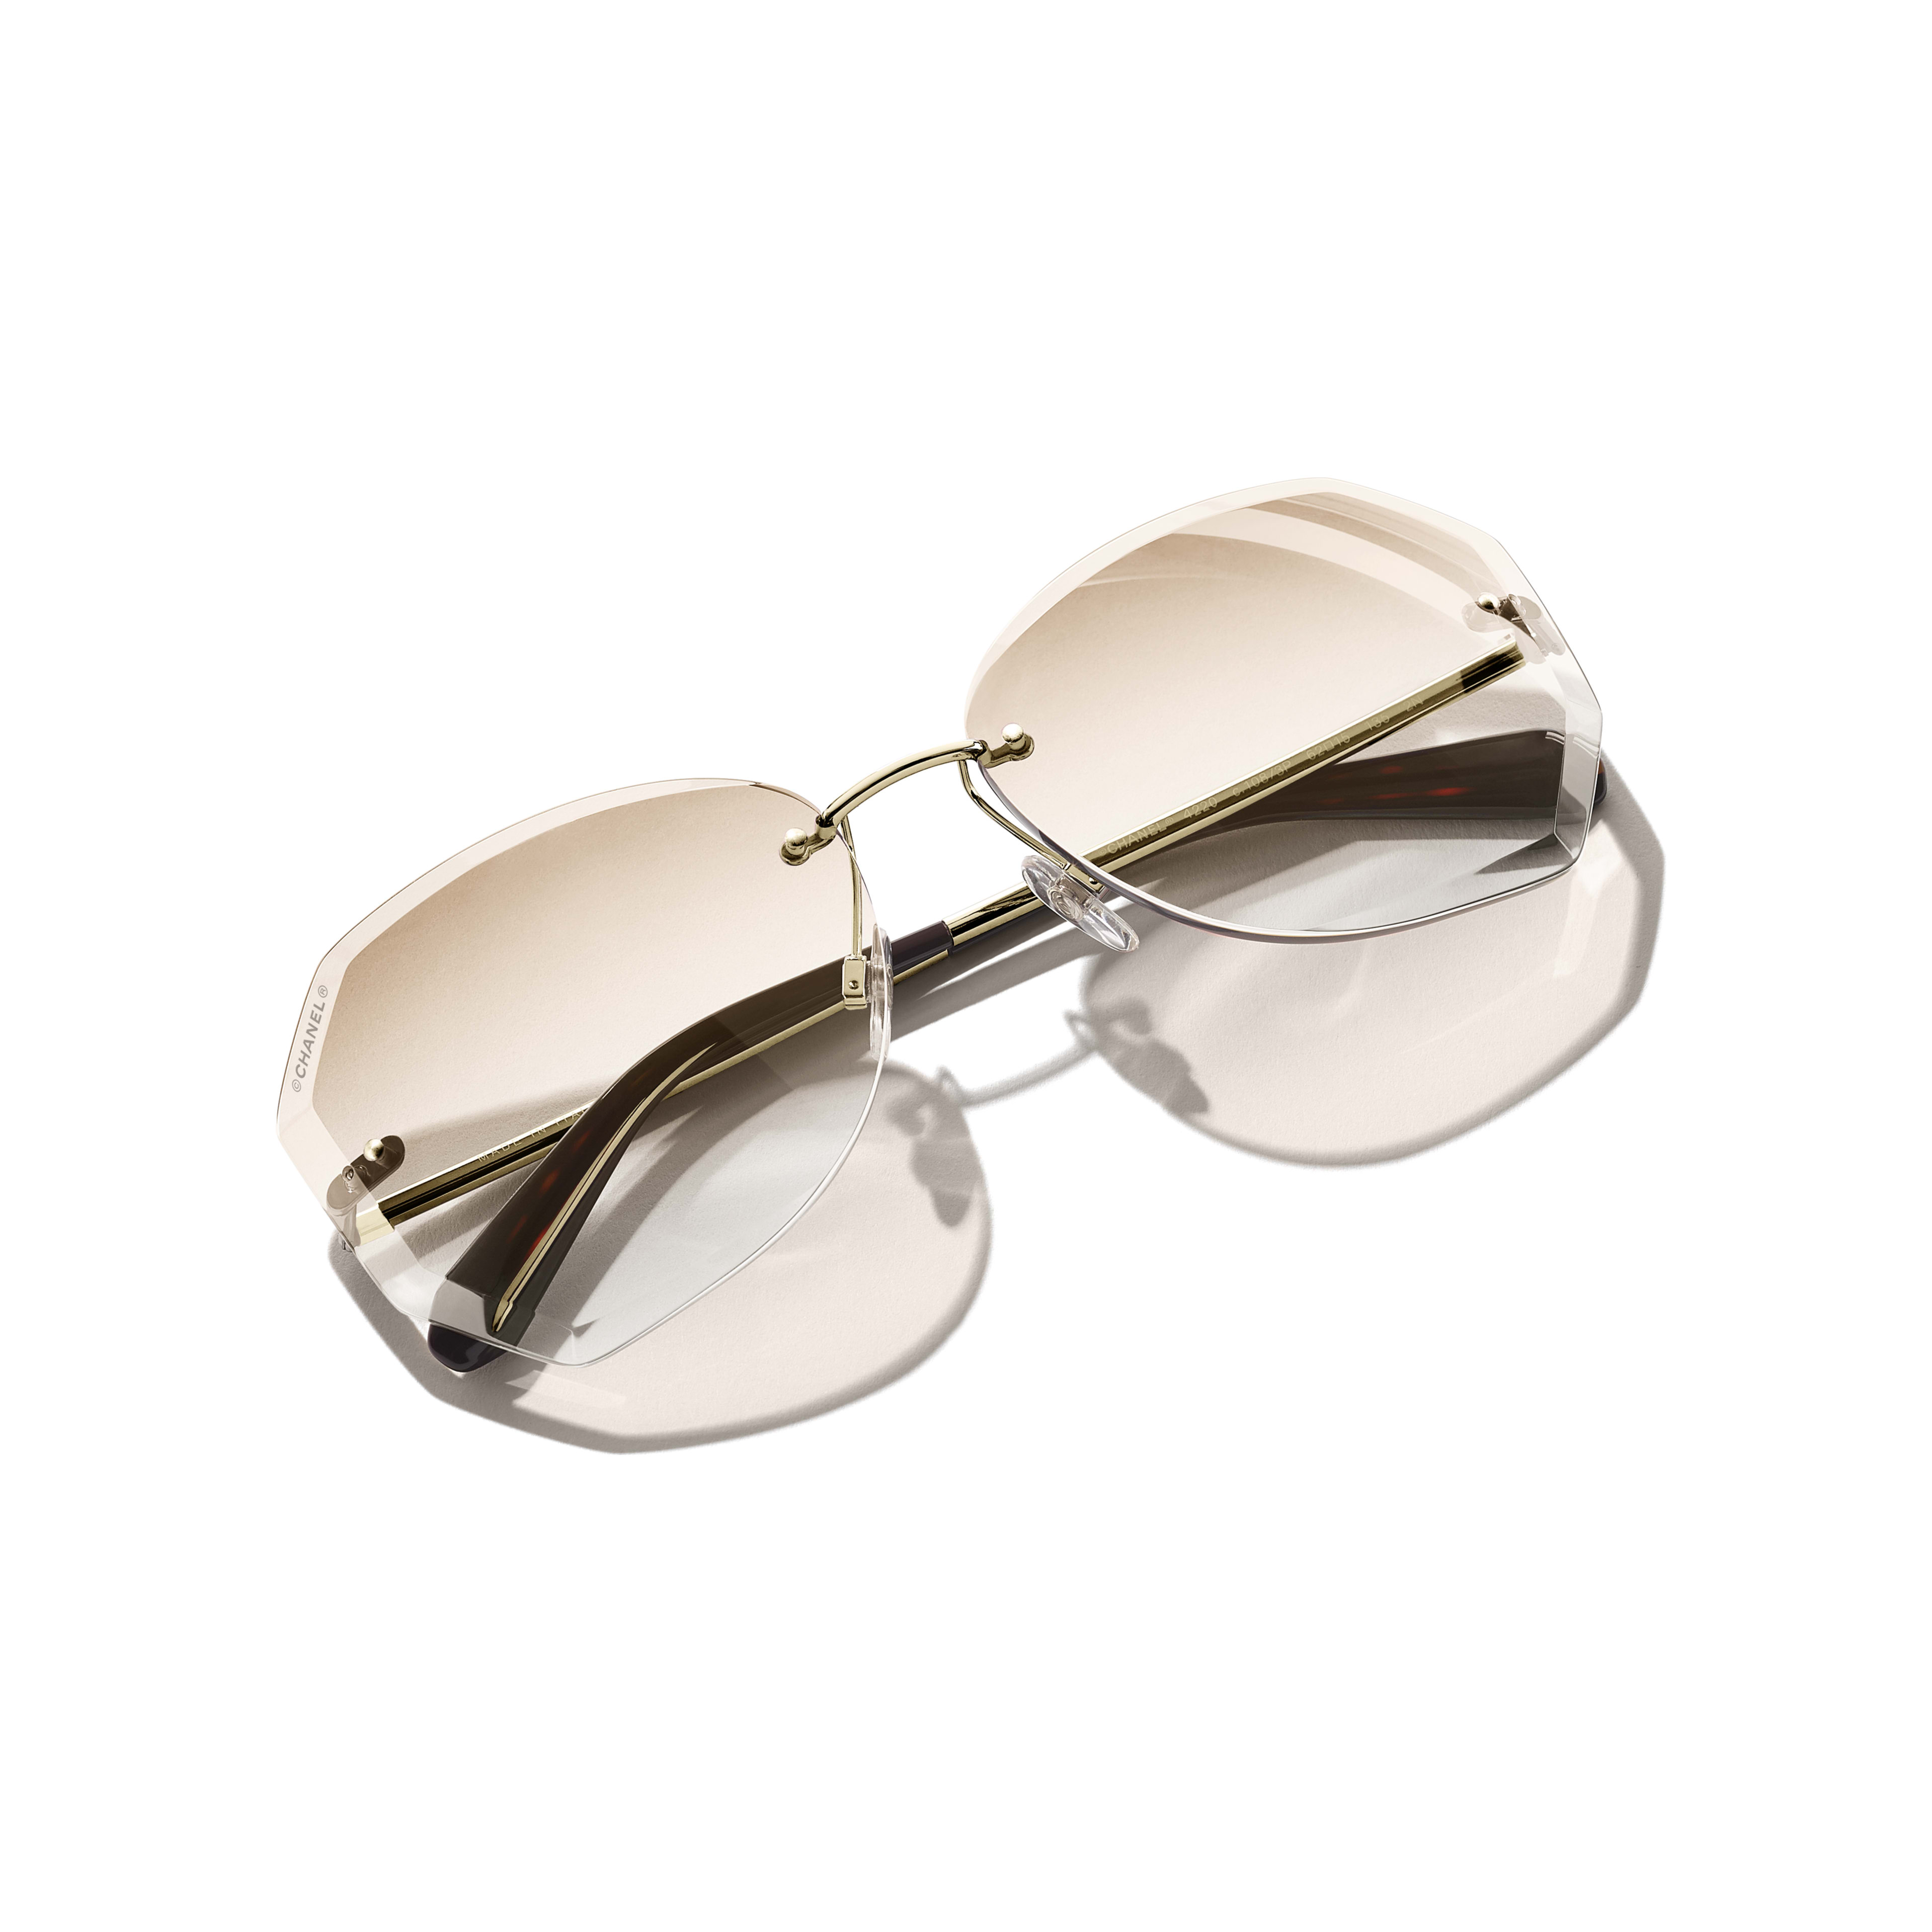 圓形太陽眼鏡 - 金與米 - 金屬 - CHANEL - 額外視圖 - 查看標準尺寸版本